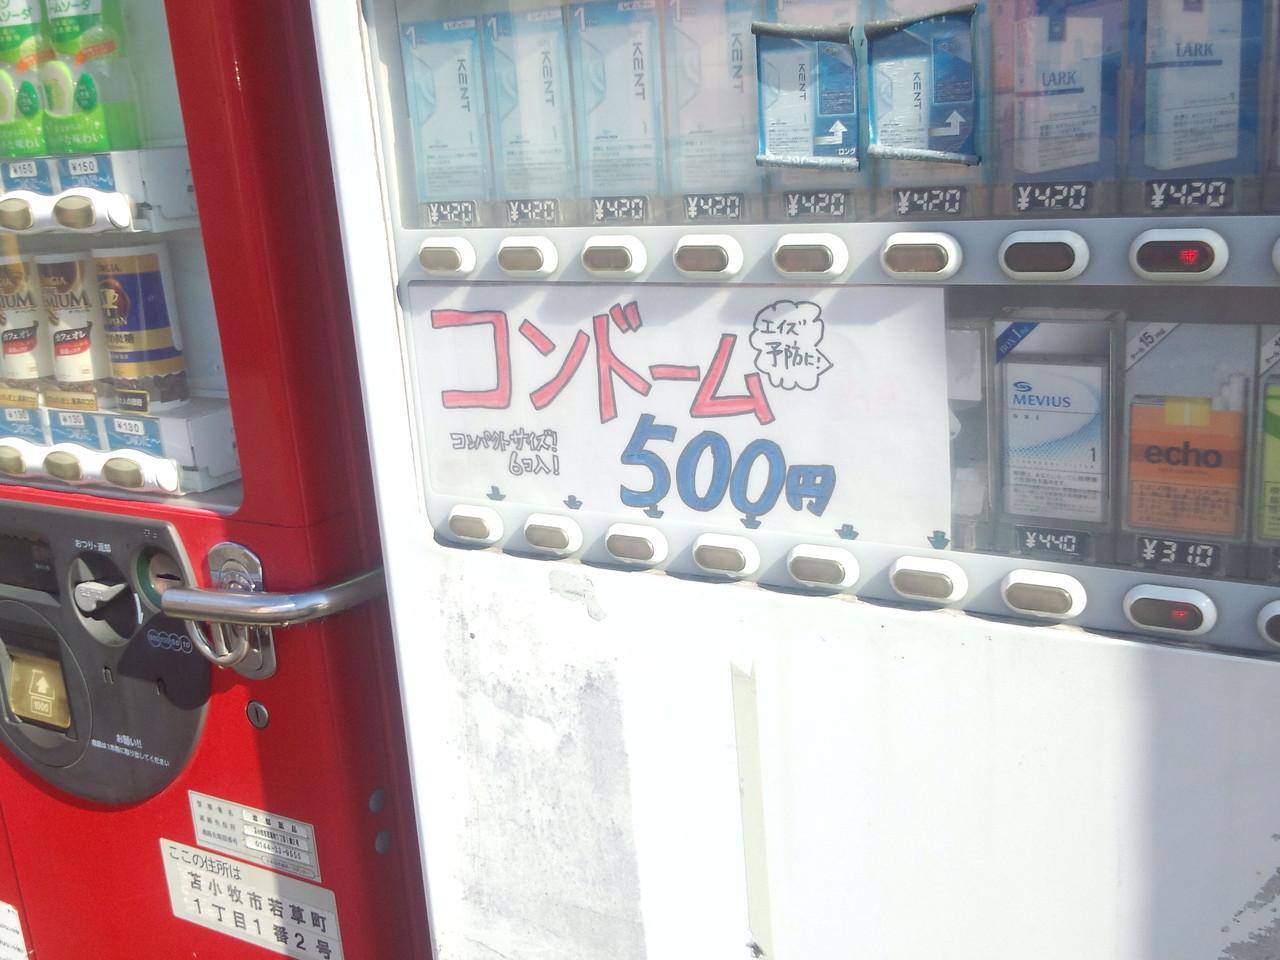 ム 場所 コンド 自販機